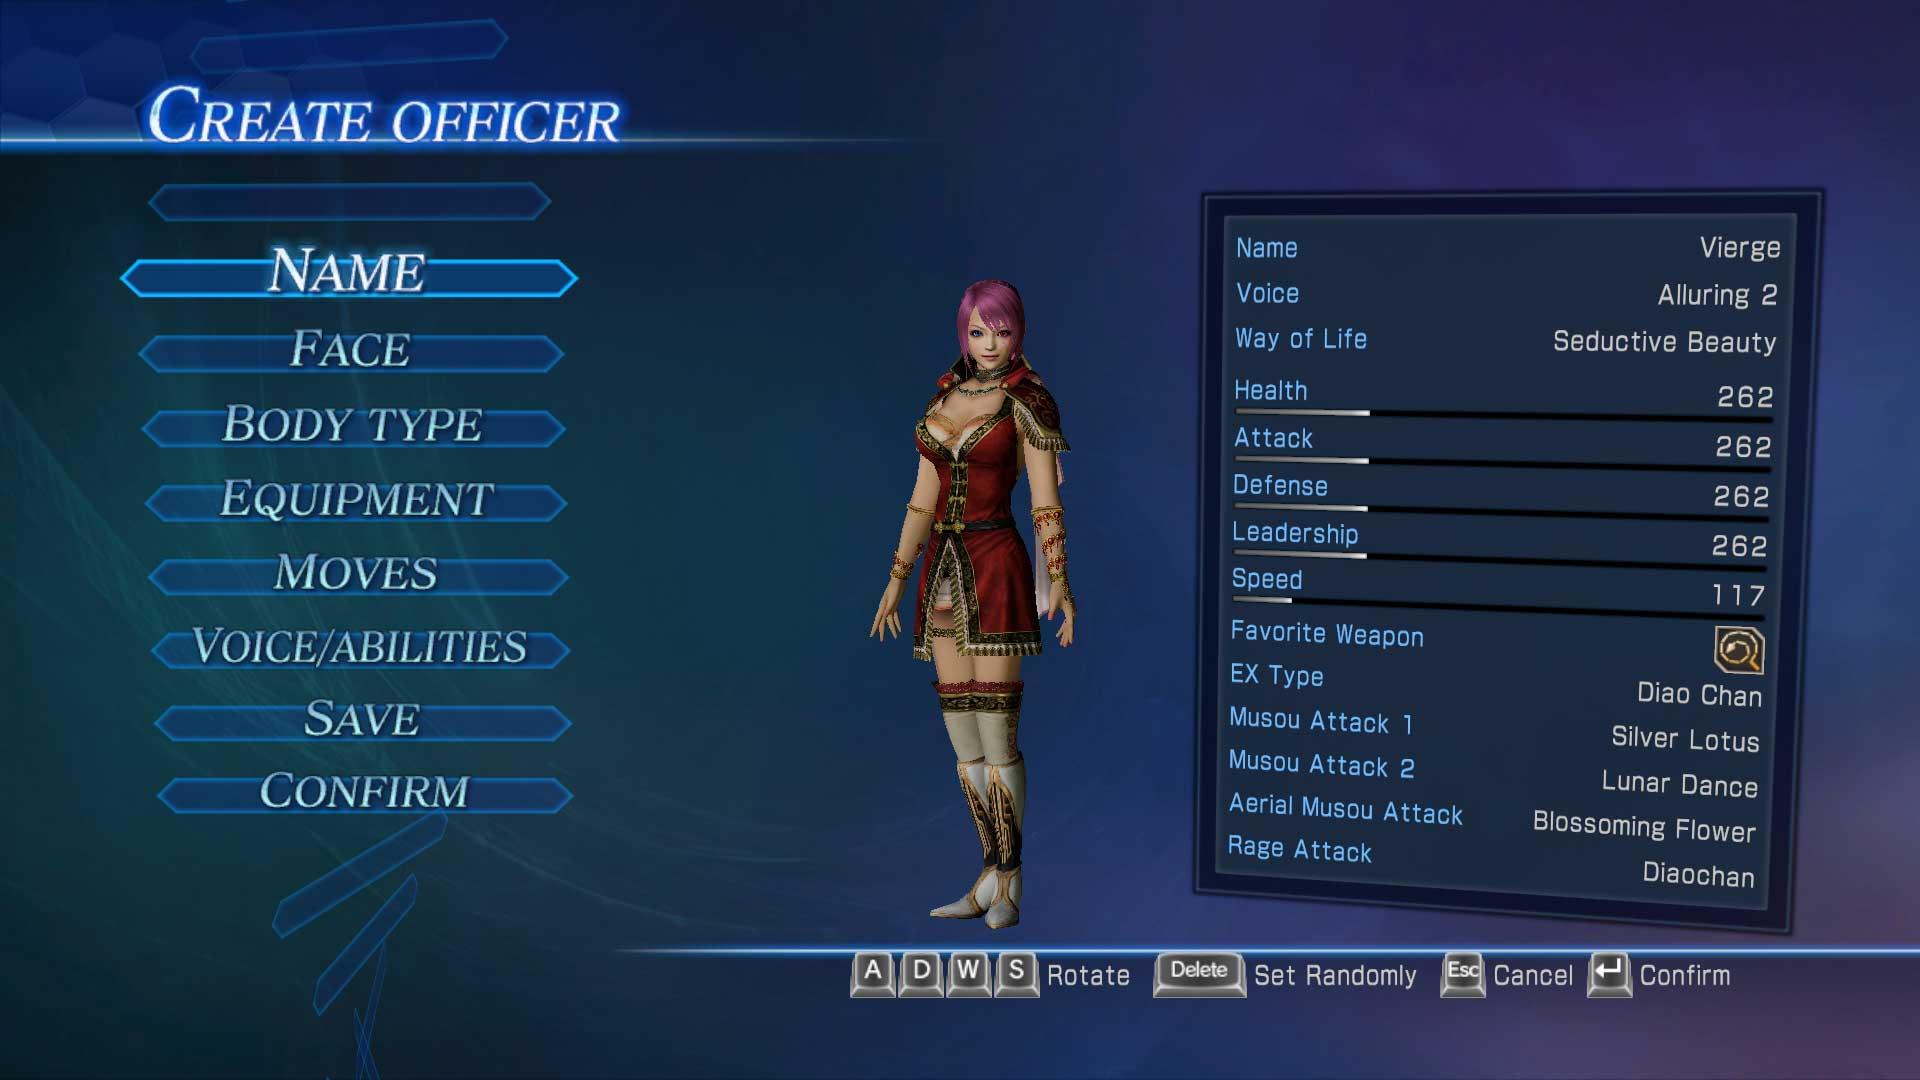 Vierge Screenshot 1